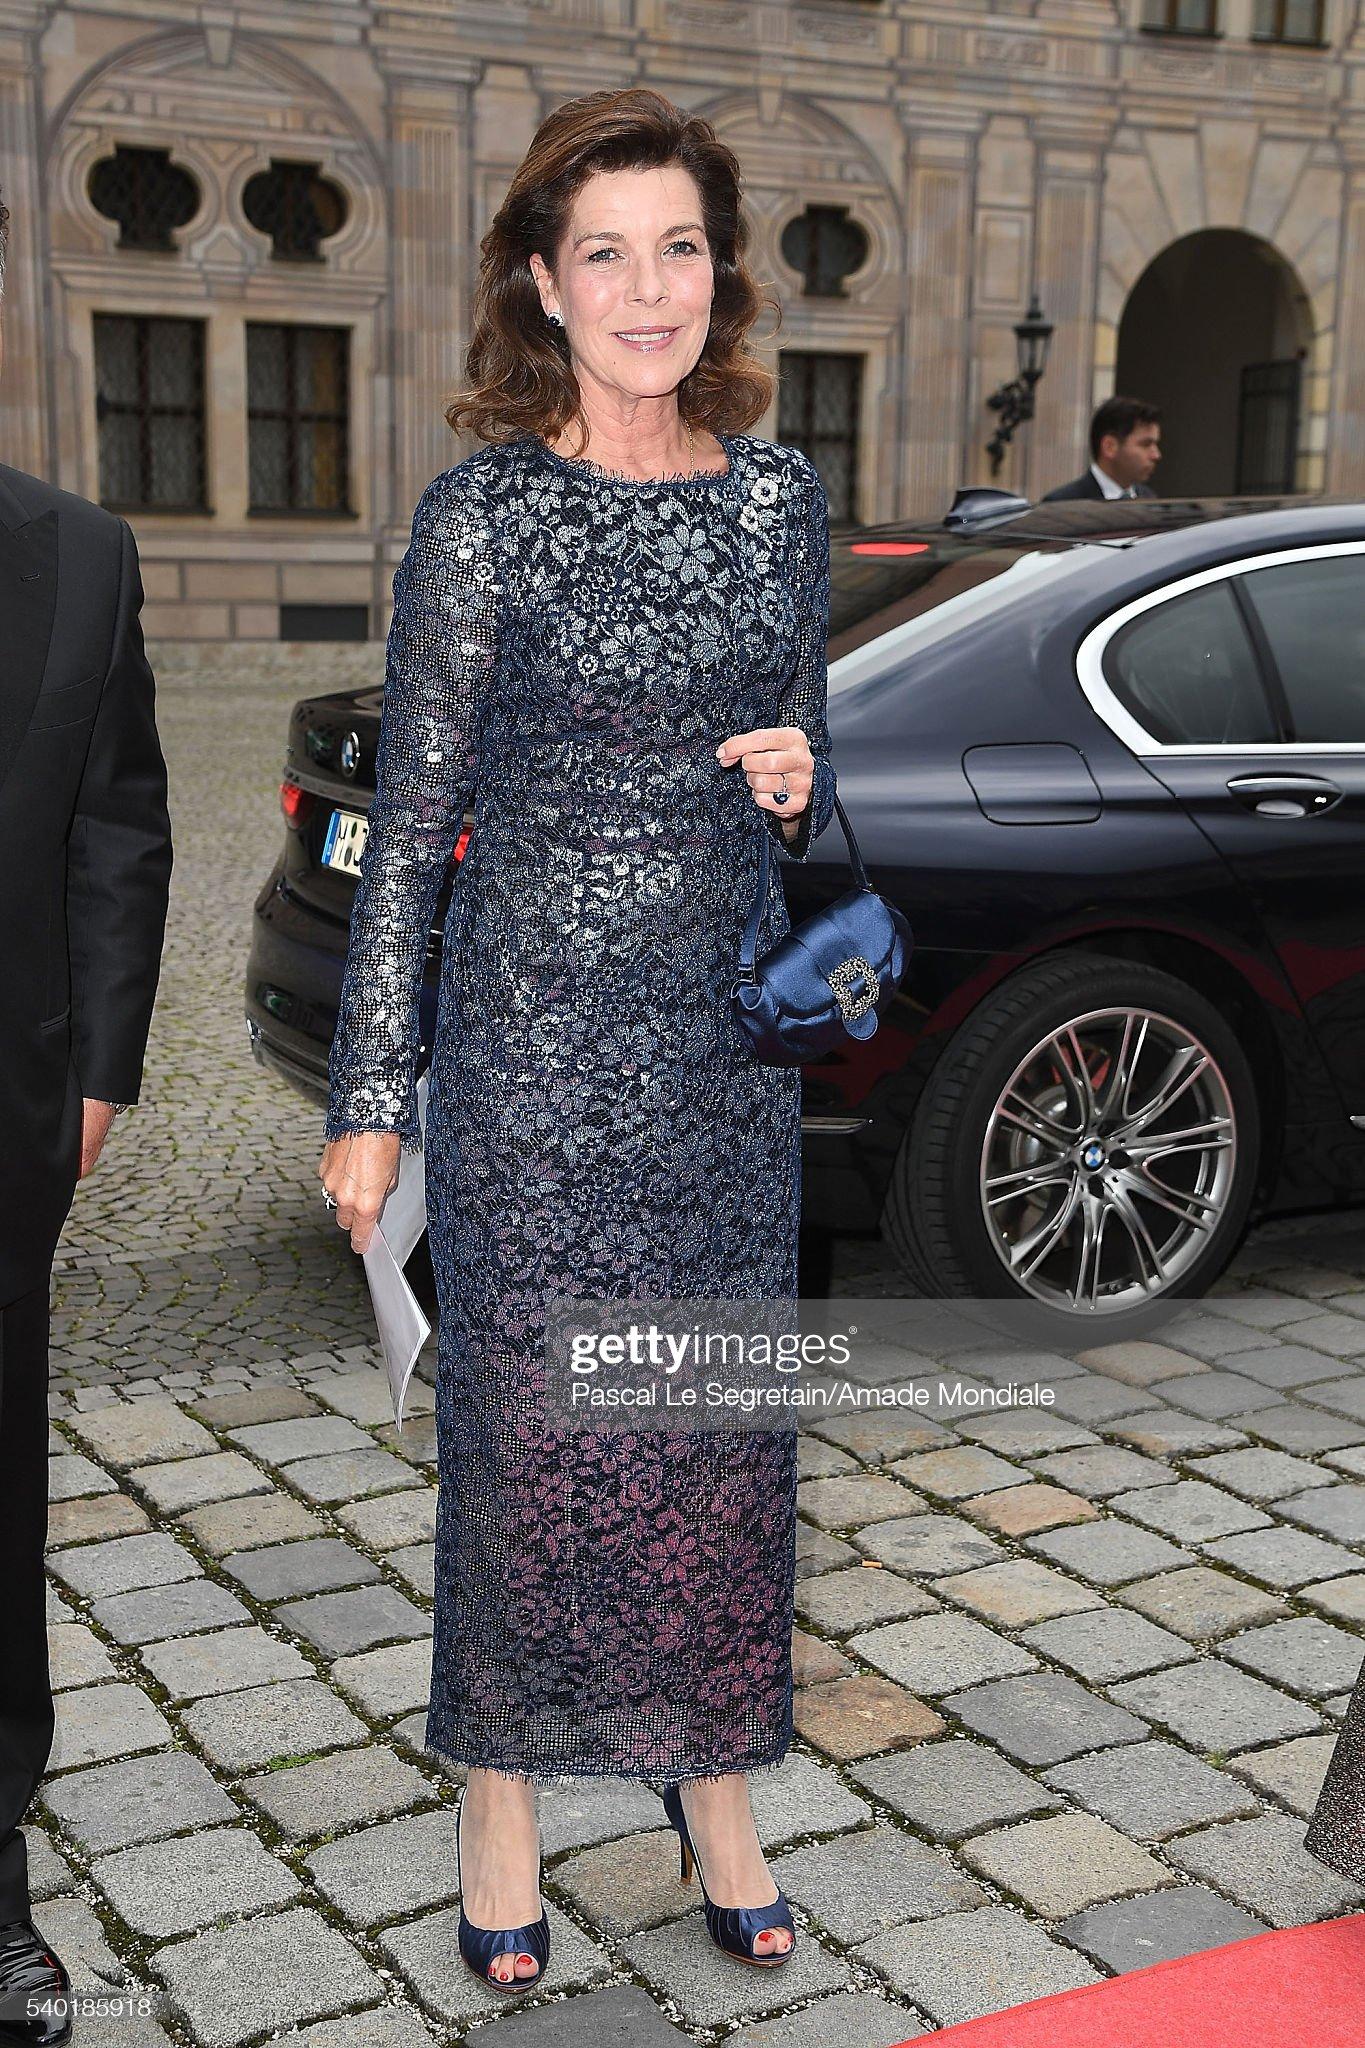 Вечерние наряды Принцессы Каролины. AMADE Deutschland : Charity Dinner At Kaisersaal der Residenz der Bayerischen Staatsregierung In Munich : News Photo